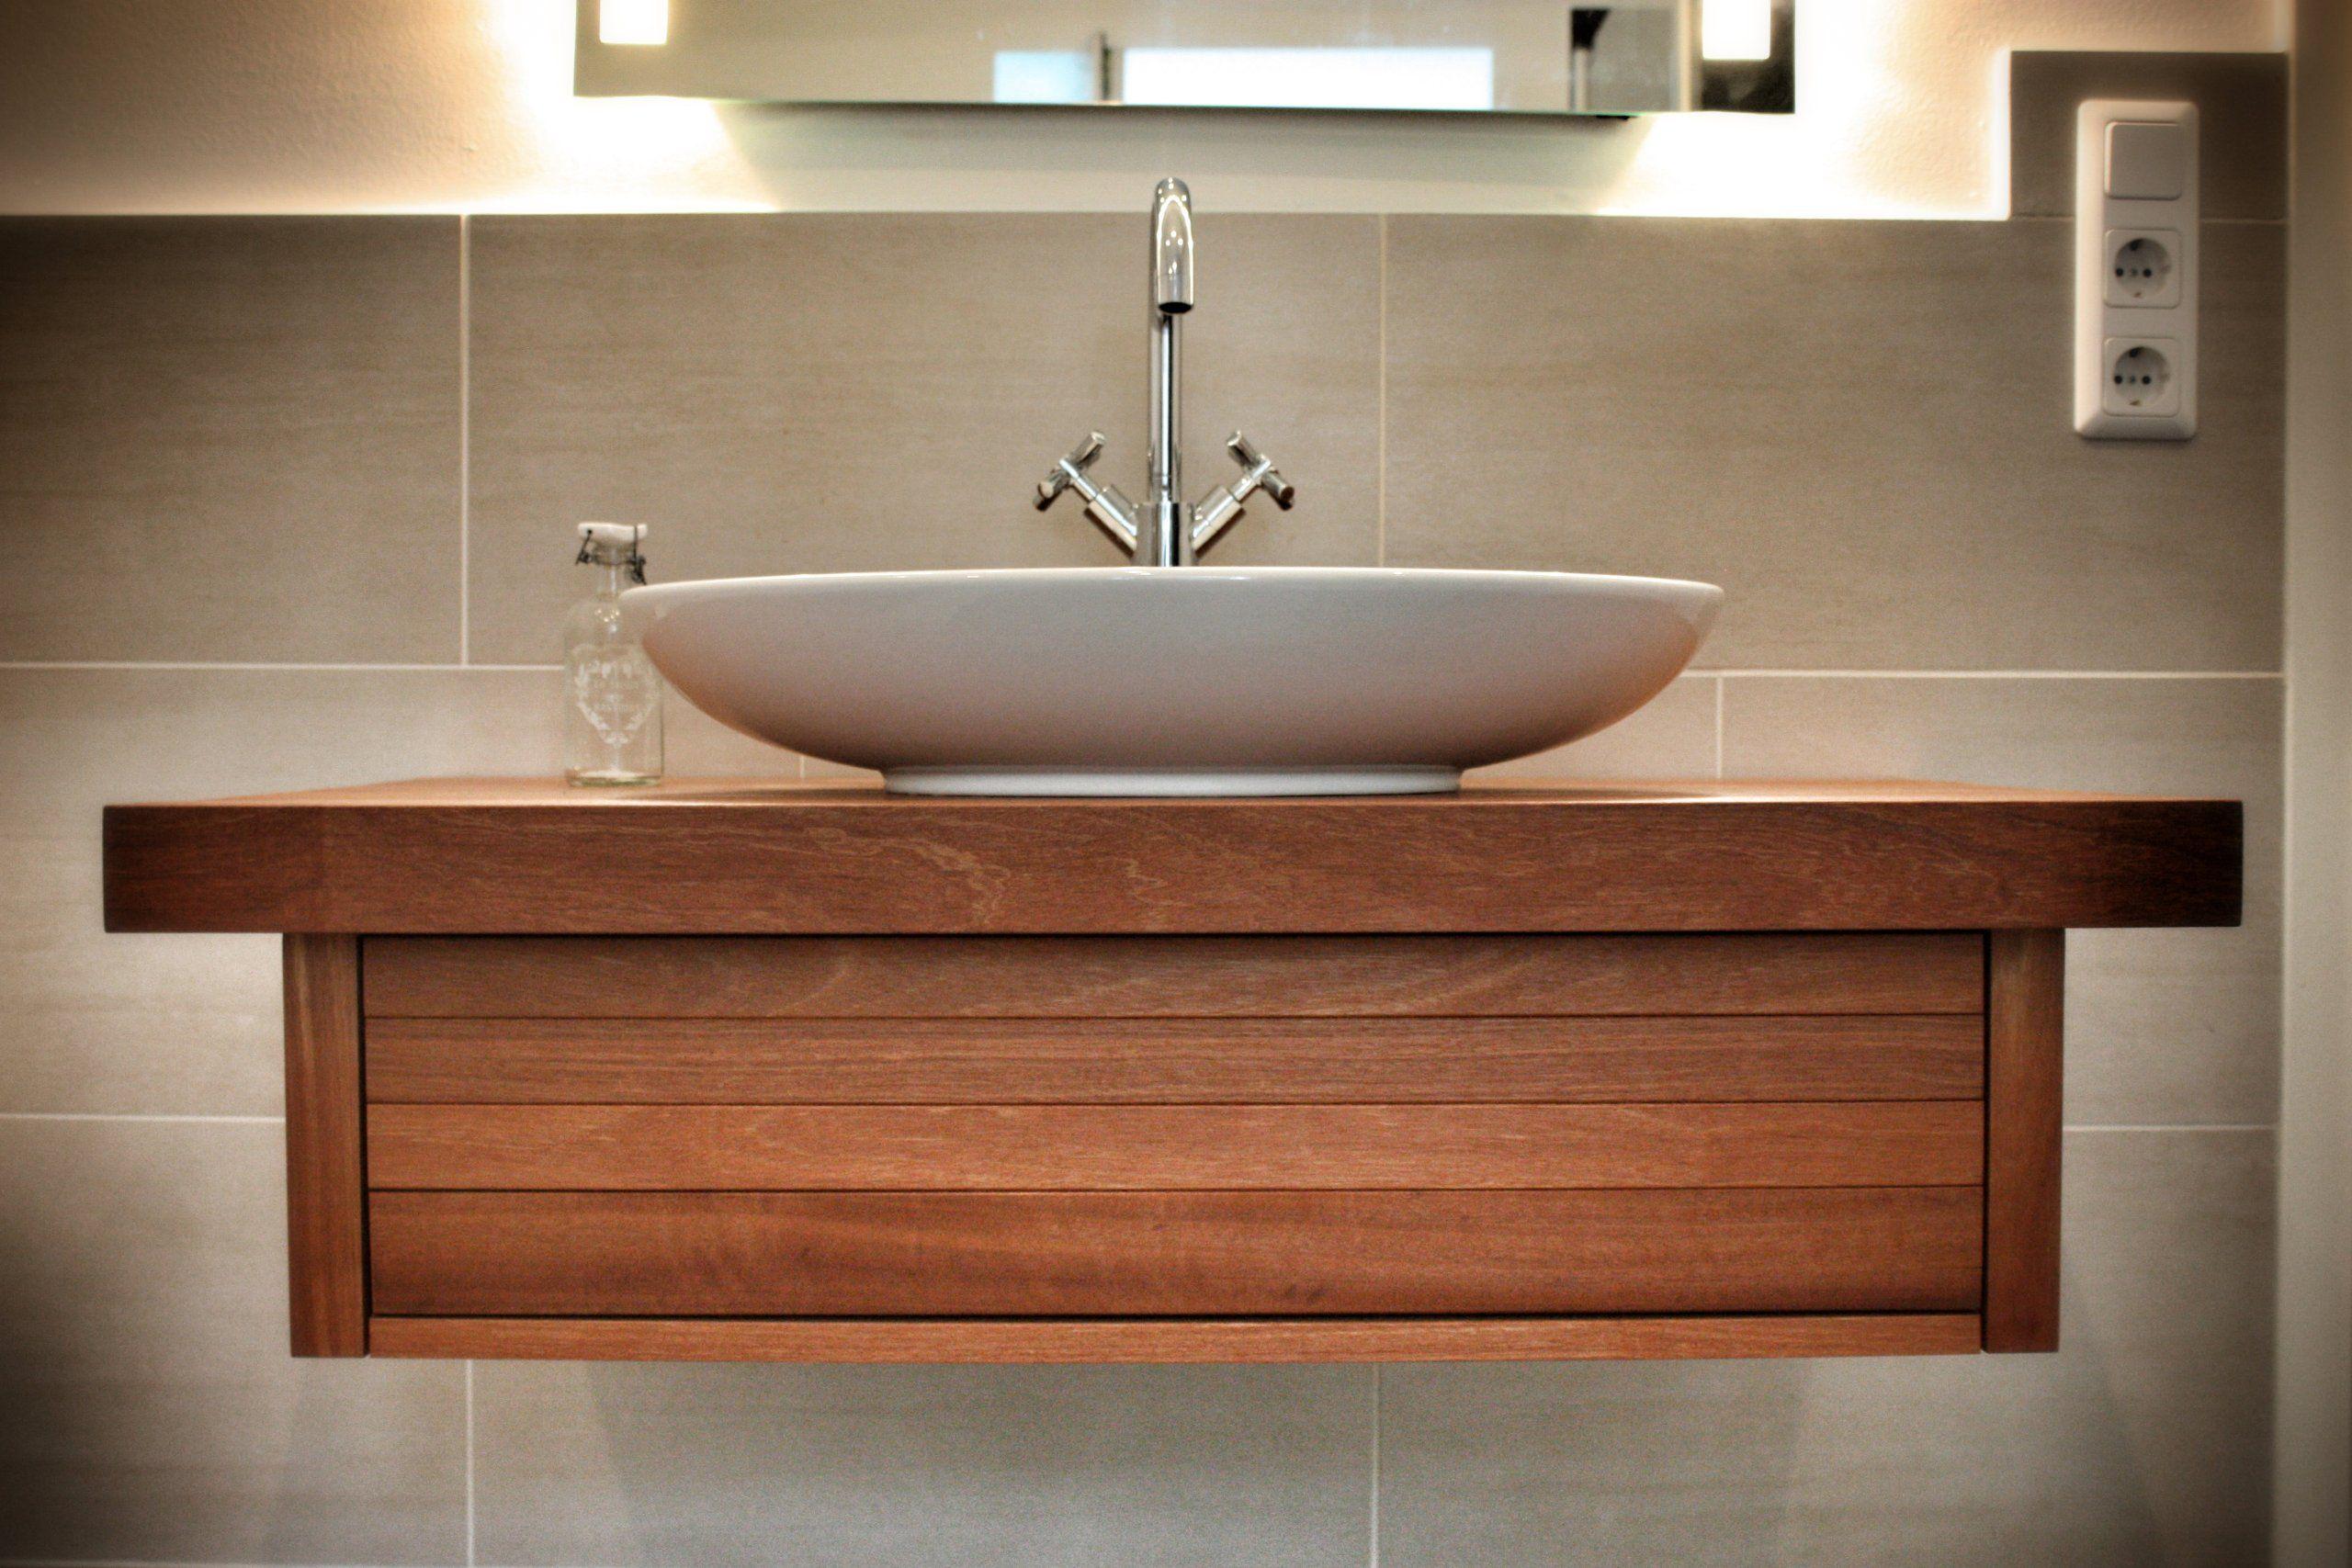 Küche und bad design solids m saint george waschtisch aus holz  waschbeckenunterschrank